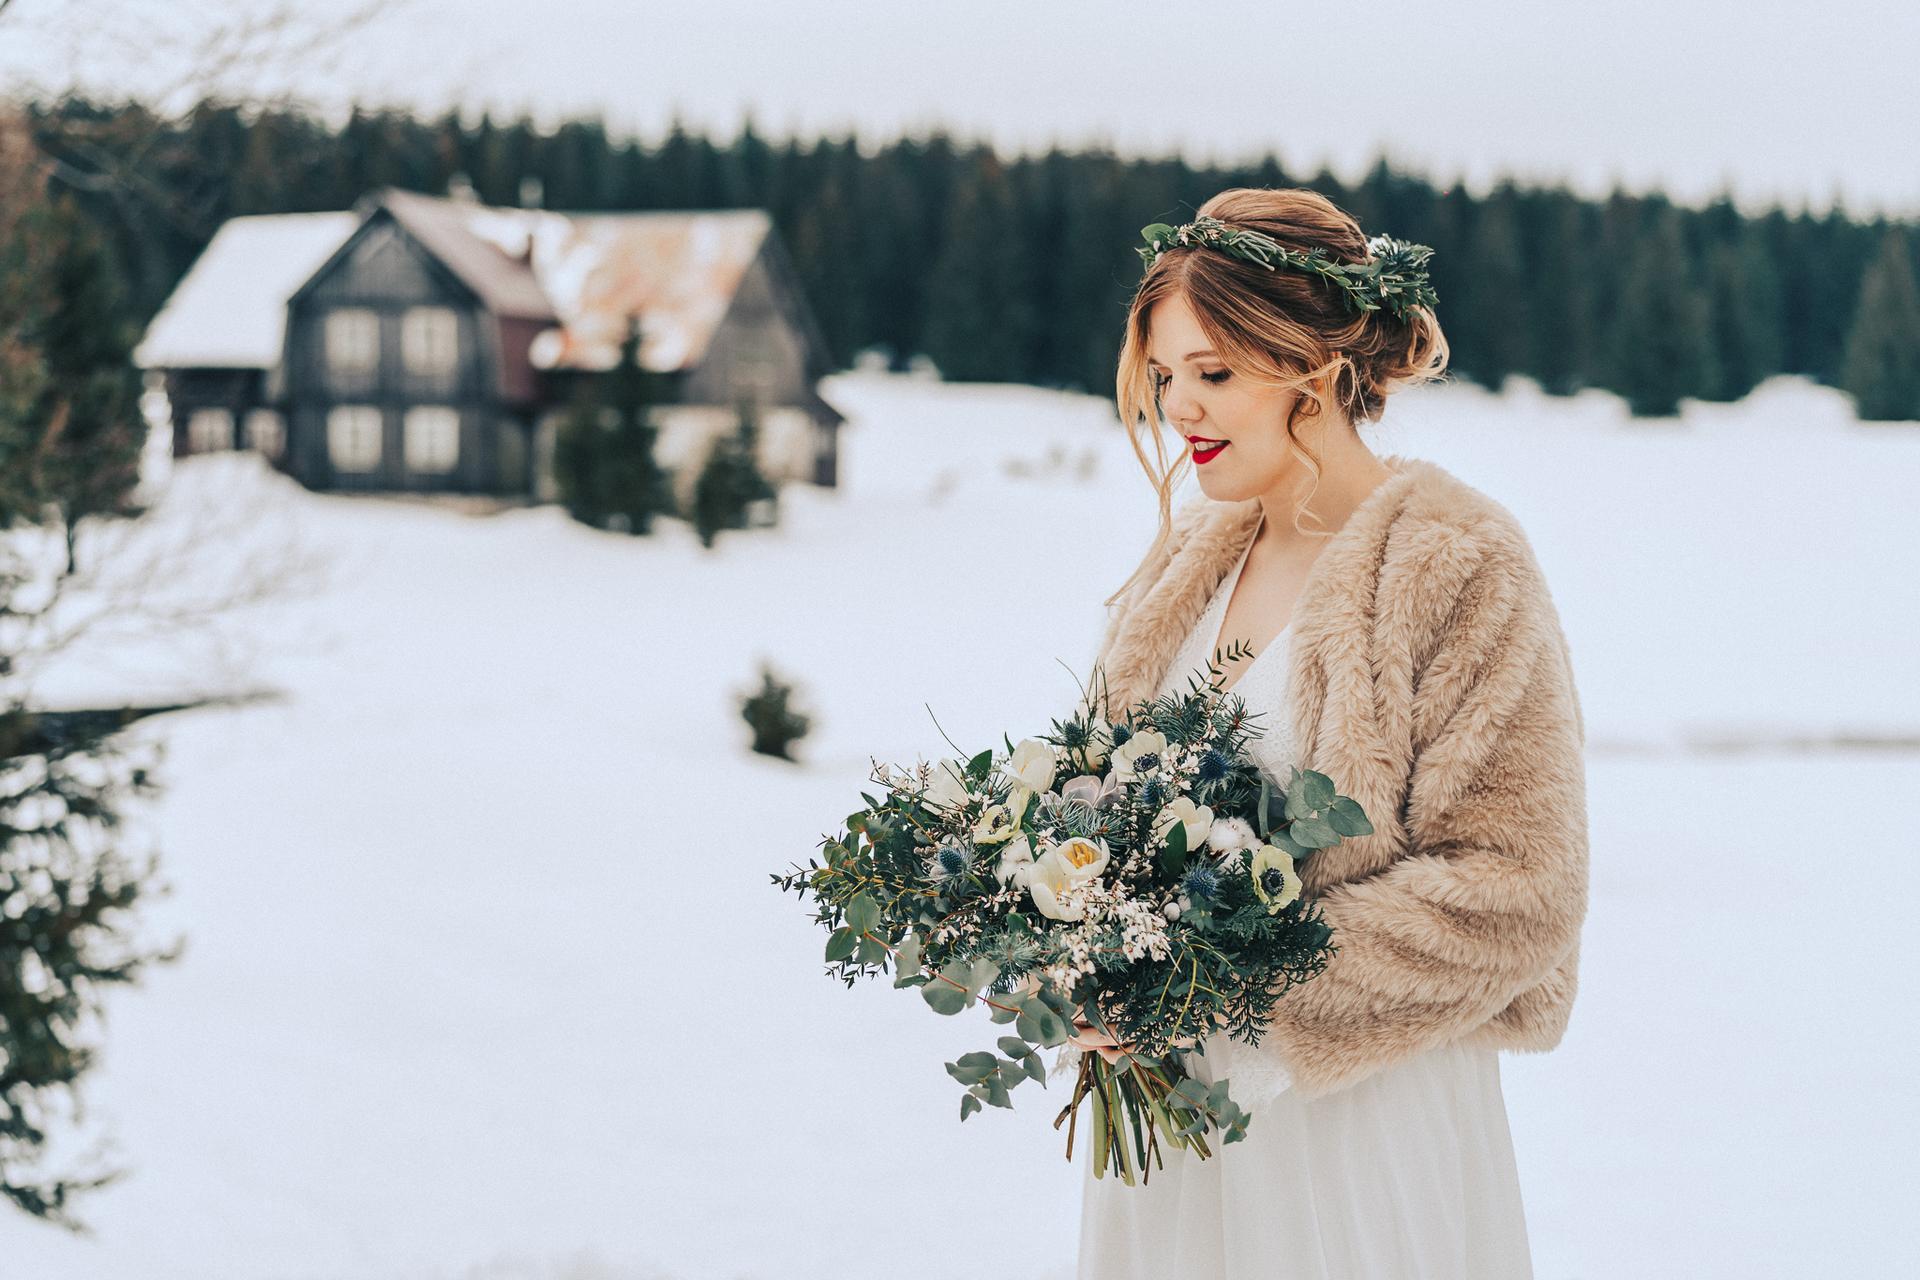 Kolik tady máme nevěst, co plánují svatbu na zimu? Vkládám příklady z mých zimních květinových realizací. Mají opravdu své kouzlo a výhody pro organizaci! Pokud byste potřebovaly květiny ještě na tento rok, napište, termíny mám. Otevřená je rezervace i na rok 2022. - Obrázek č. 1